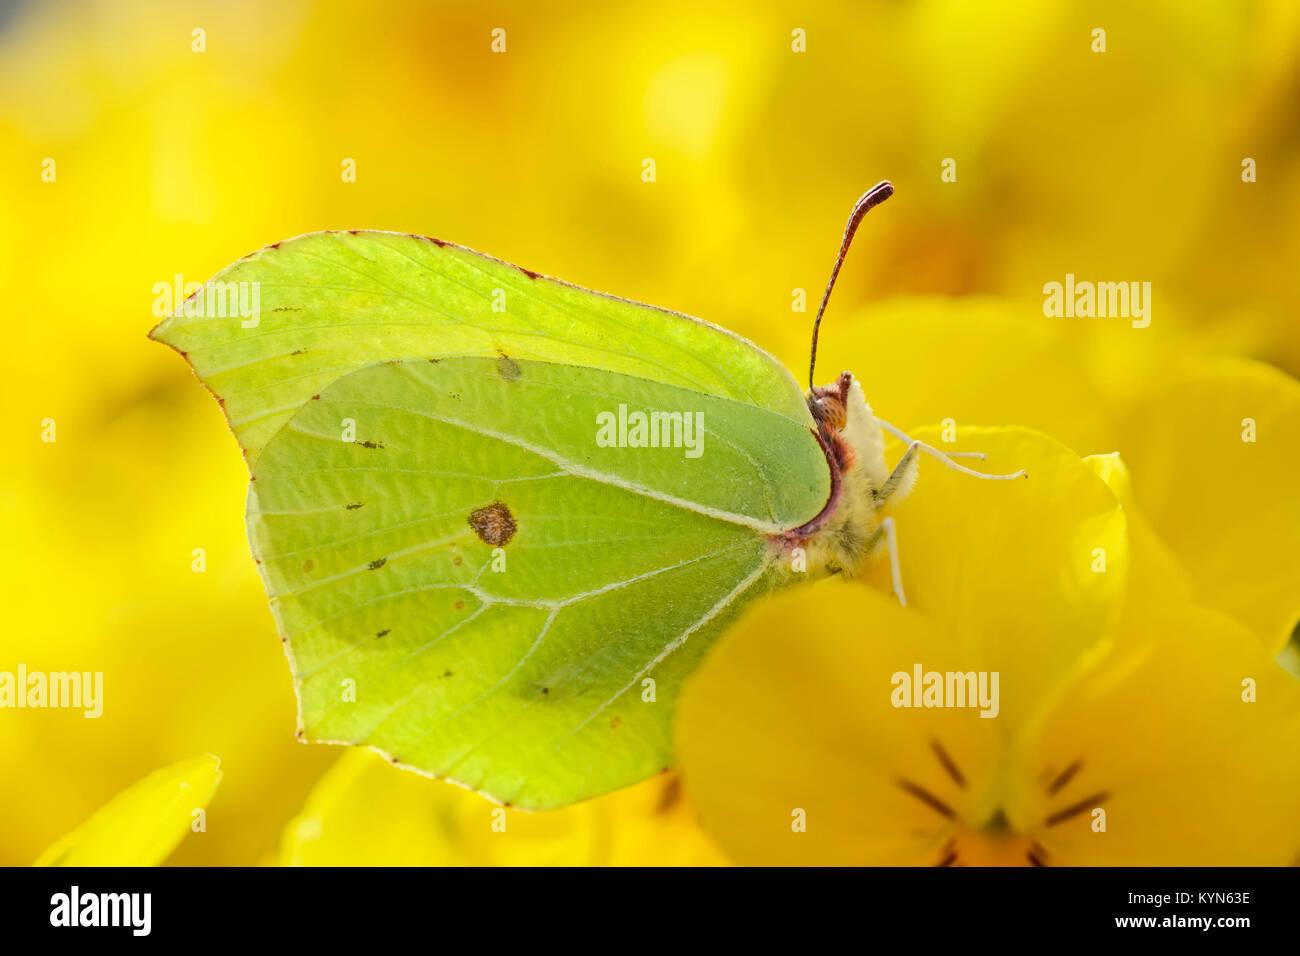 Zitronenfalter ruht auf gelbe Stiefmütterchen - Gonepteryx rhamni Stockbild